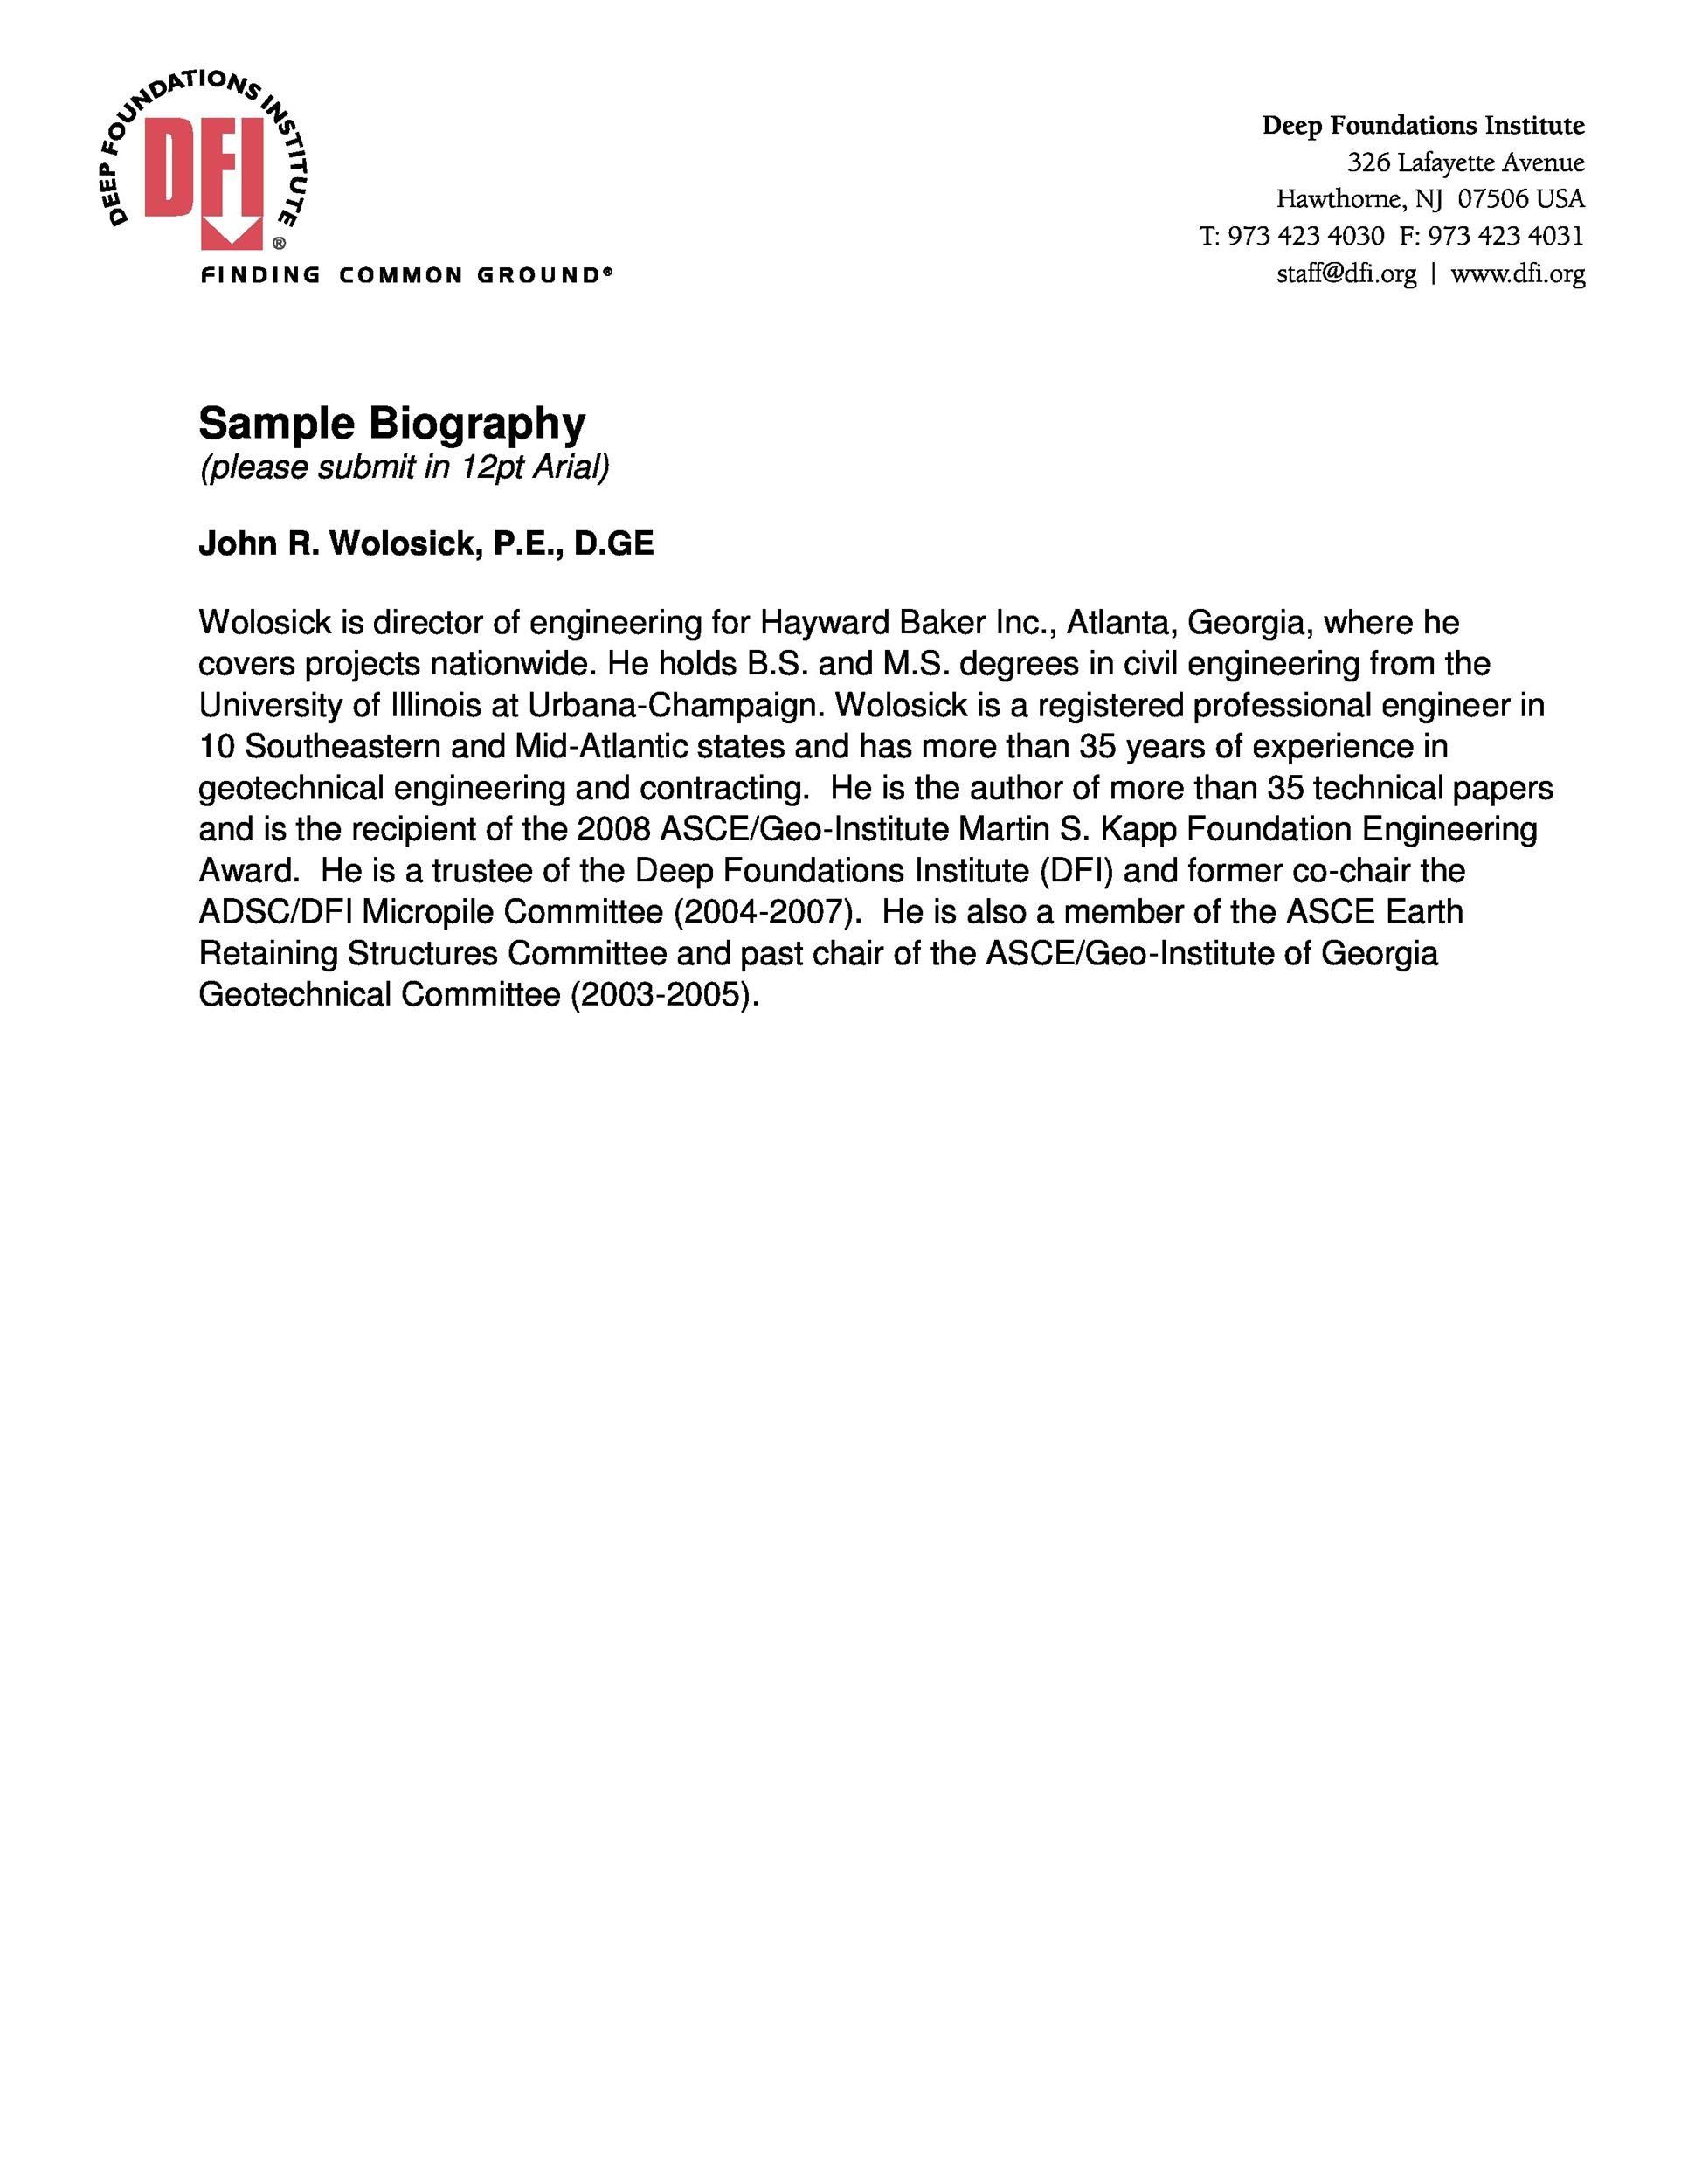 Free Sample Biography